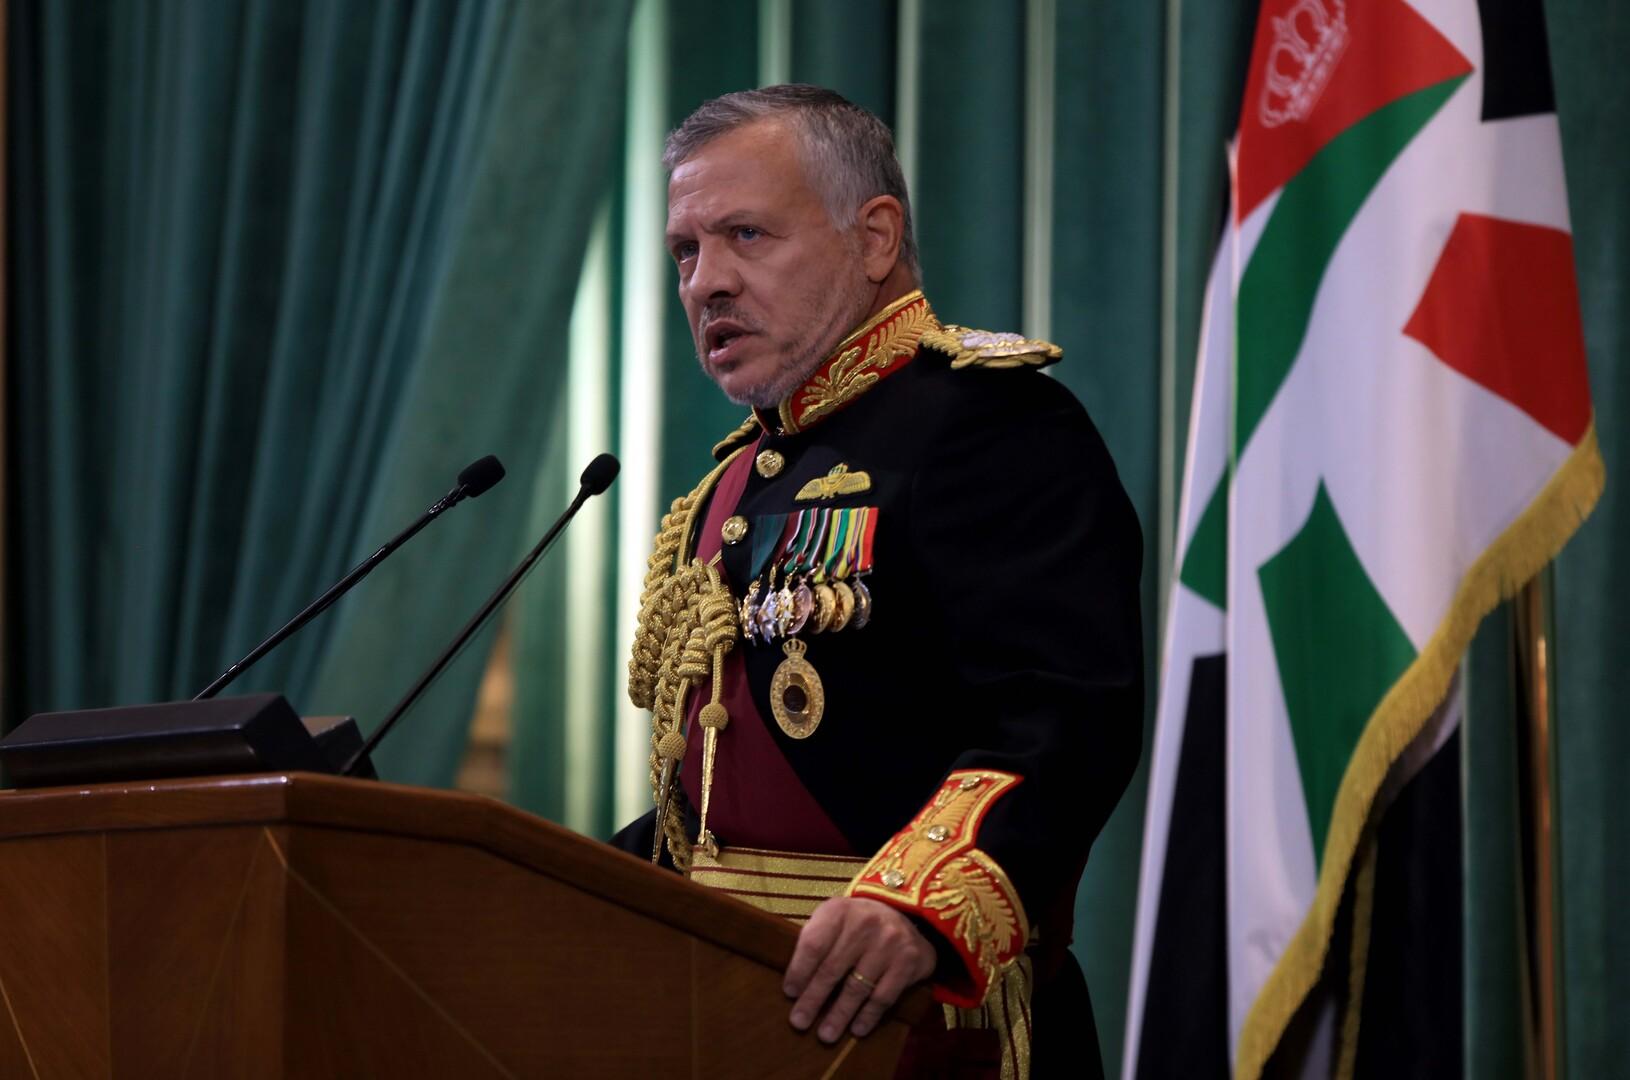 العاهل الأردني يبحث القضية الفلسطينية مع رئيس ألمانيا